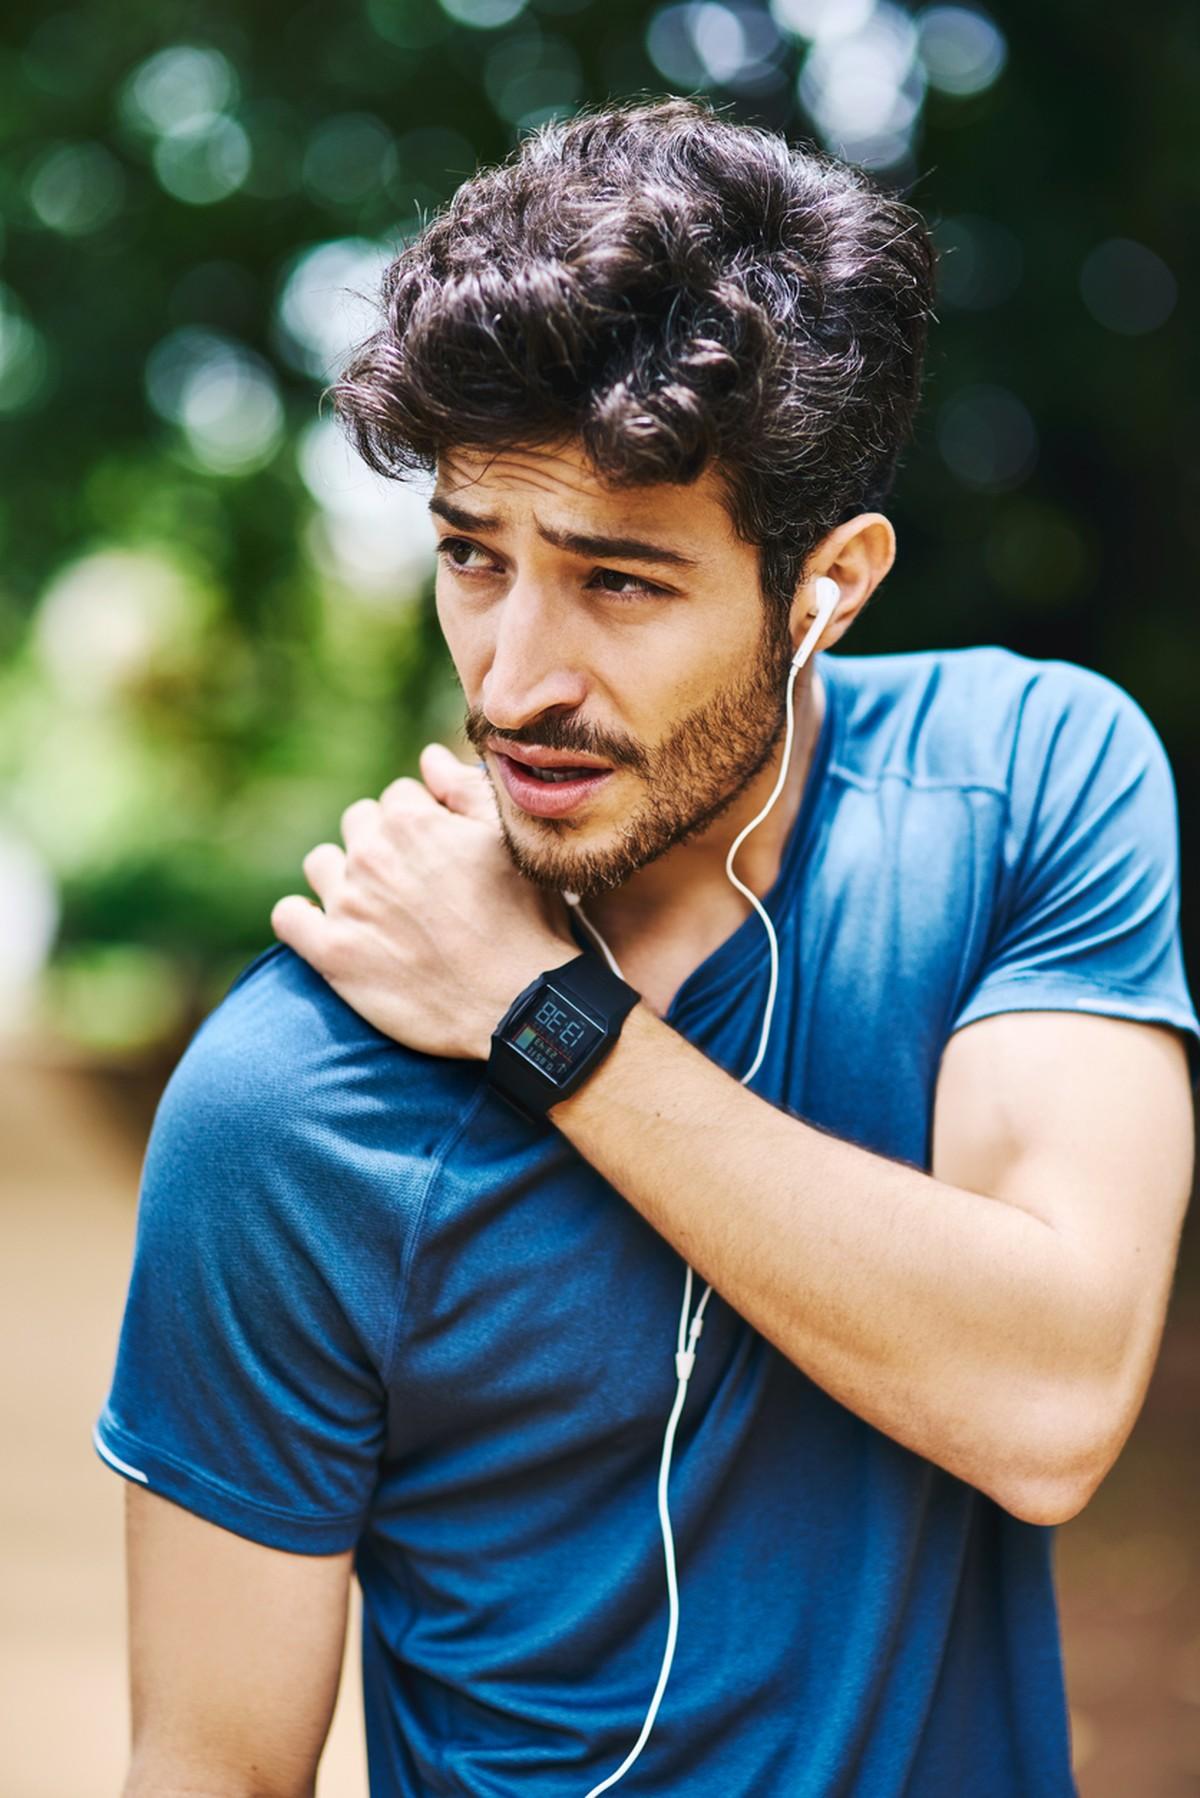 Como prevenir dores nos ombros e pescoço ao correr: evite 5 erros – globoesporte.com